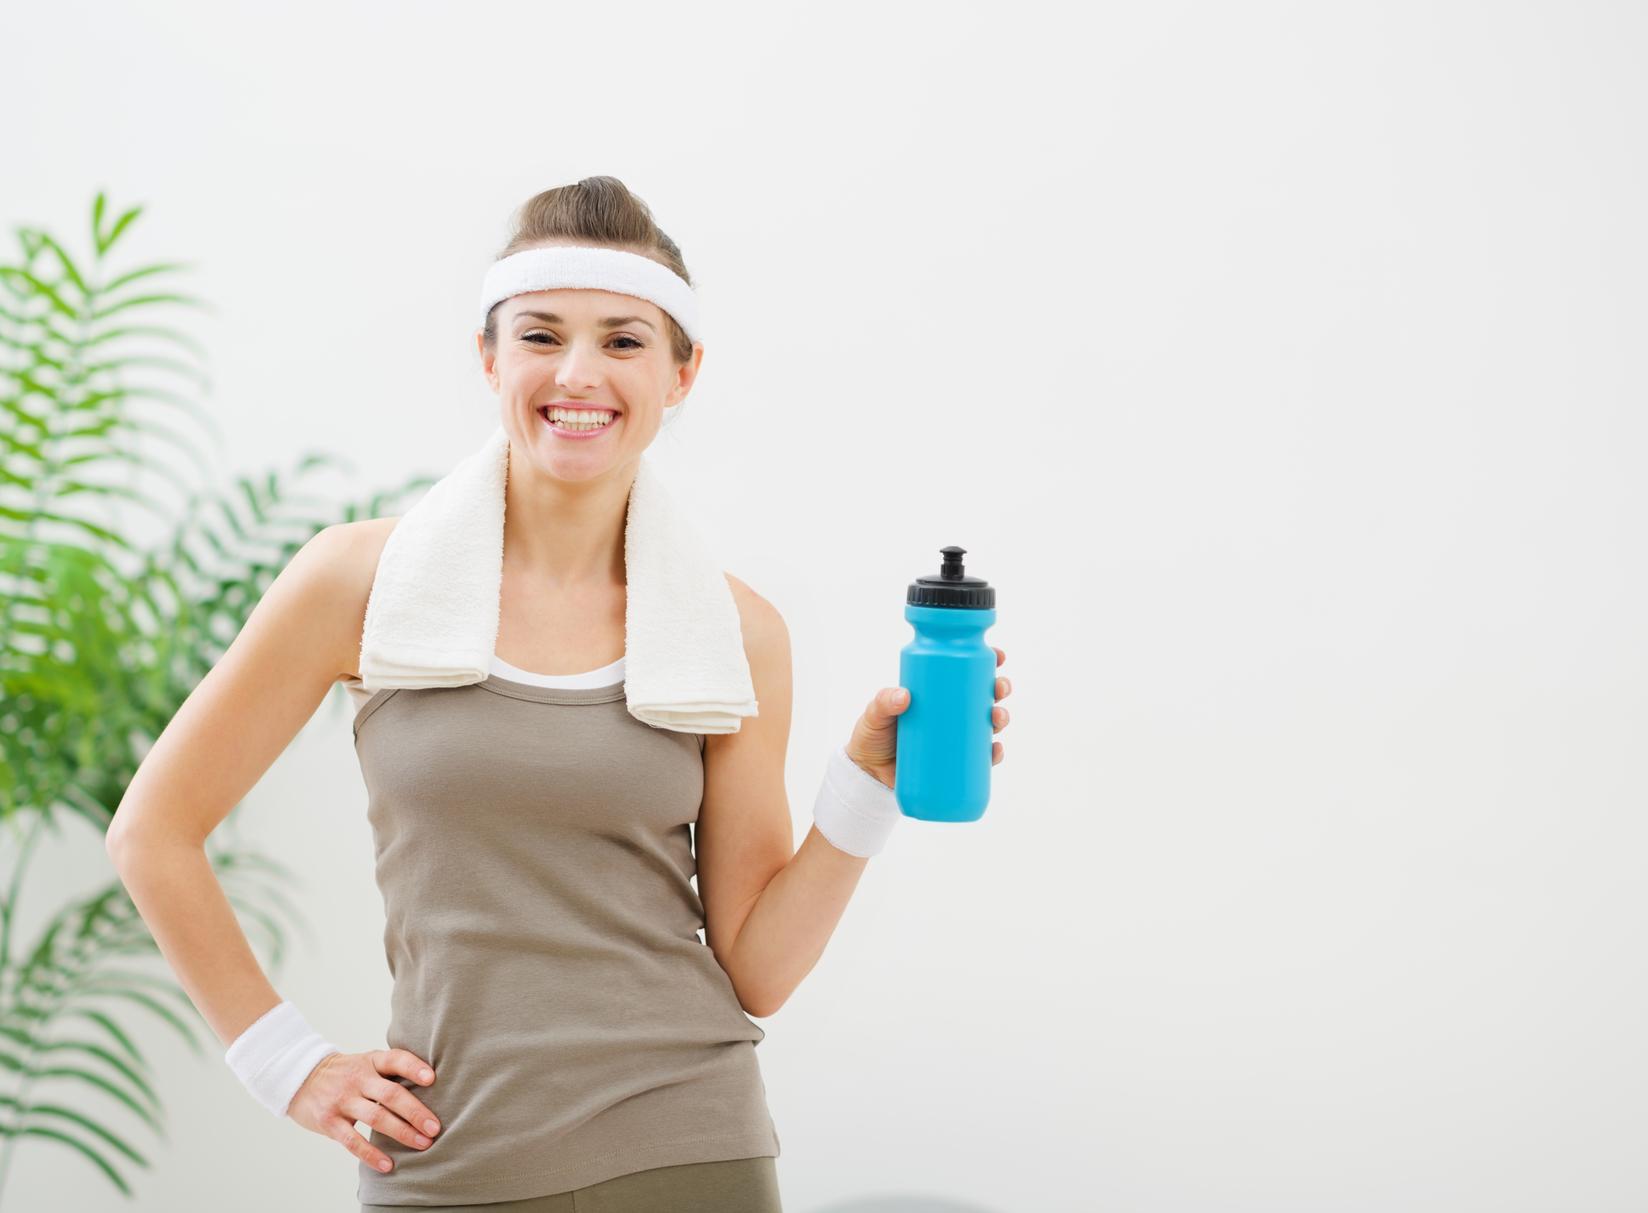 нужно ли принимать статины при холестерине 6.8